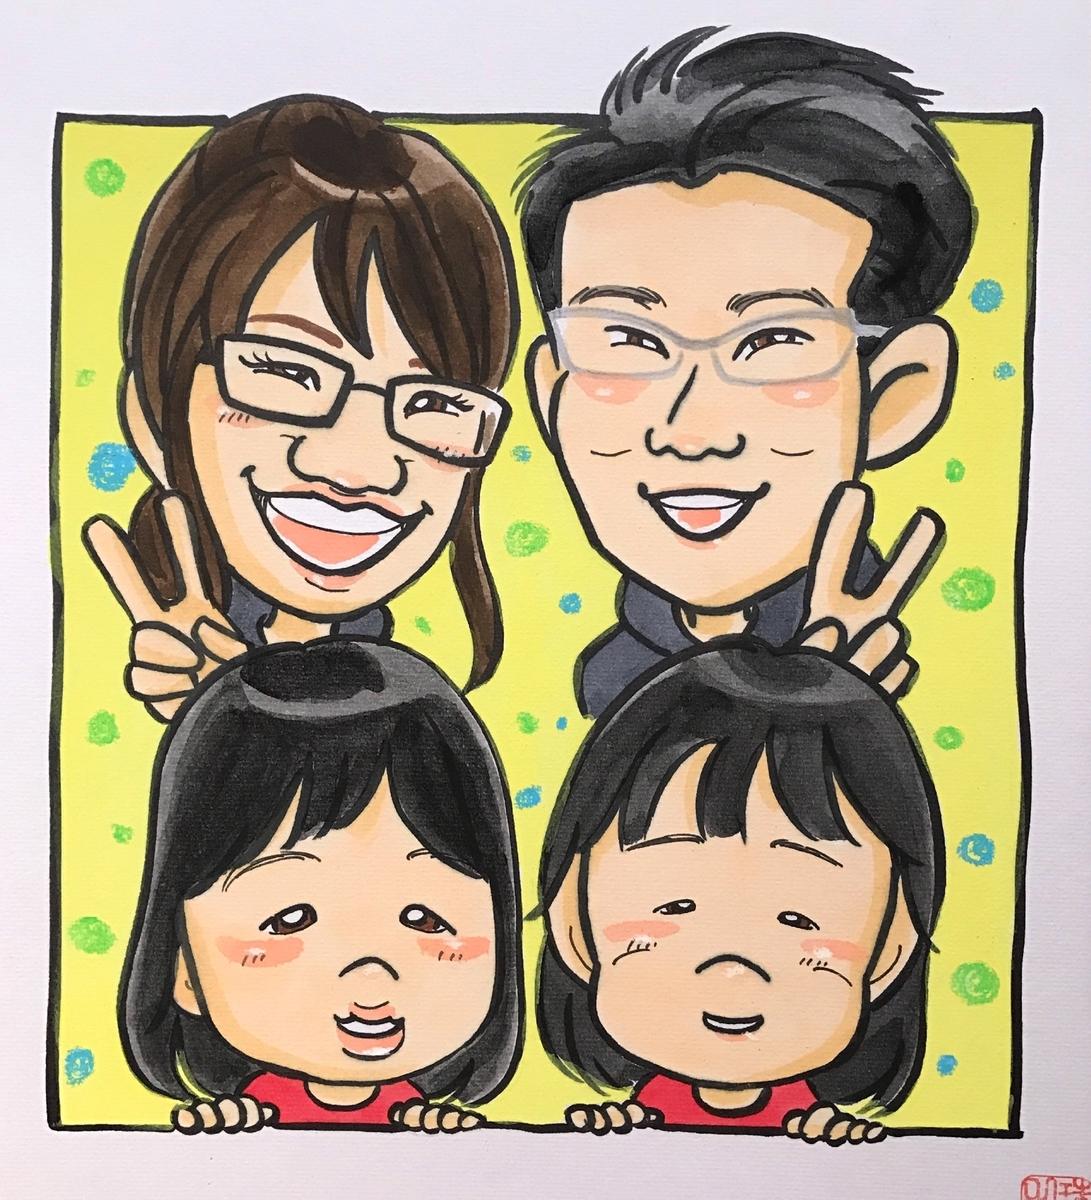 家族4人の似顔絵 北海道札幌の似顔絵作家高井じゅり 似顔絵ファクトリー